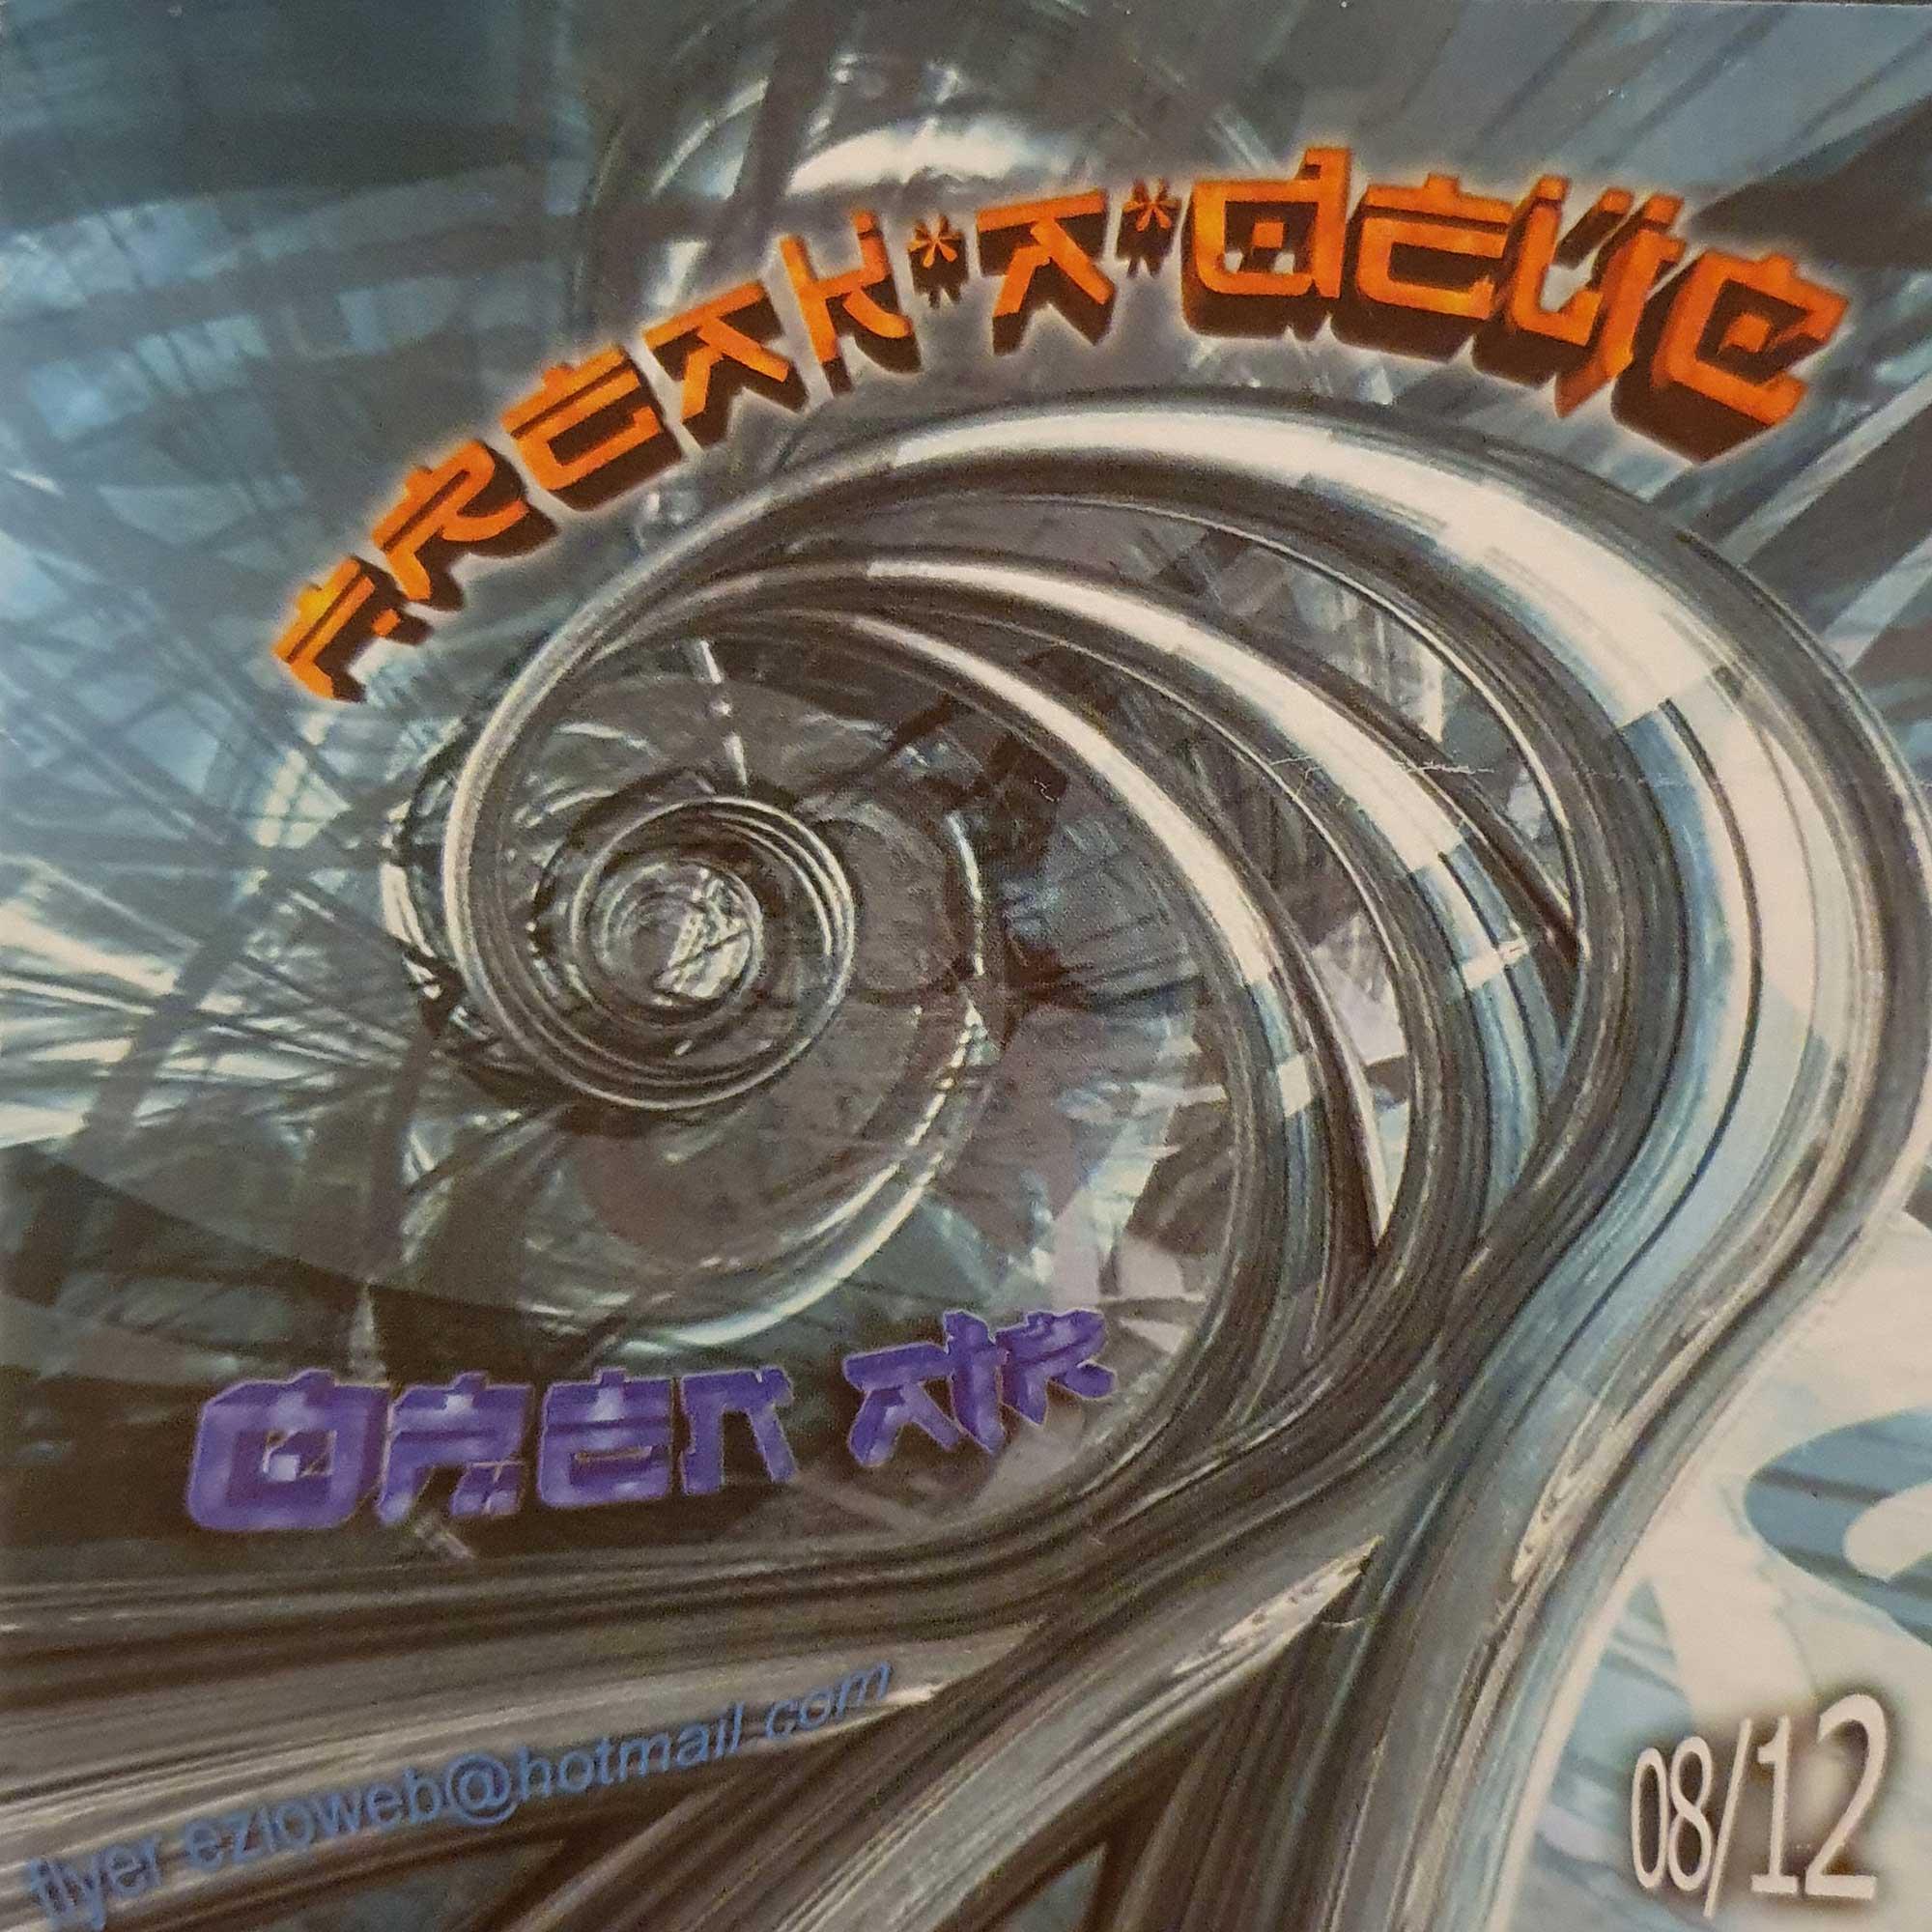 freackdelic